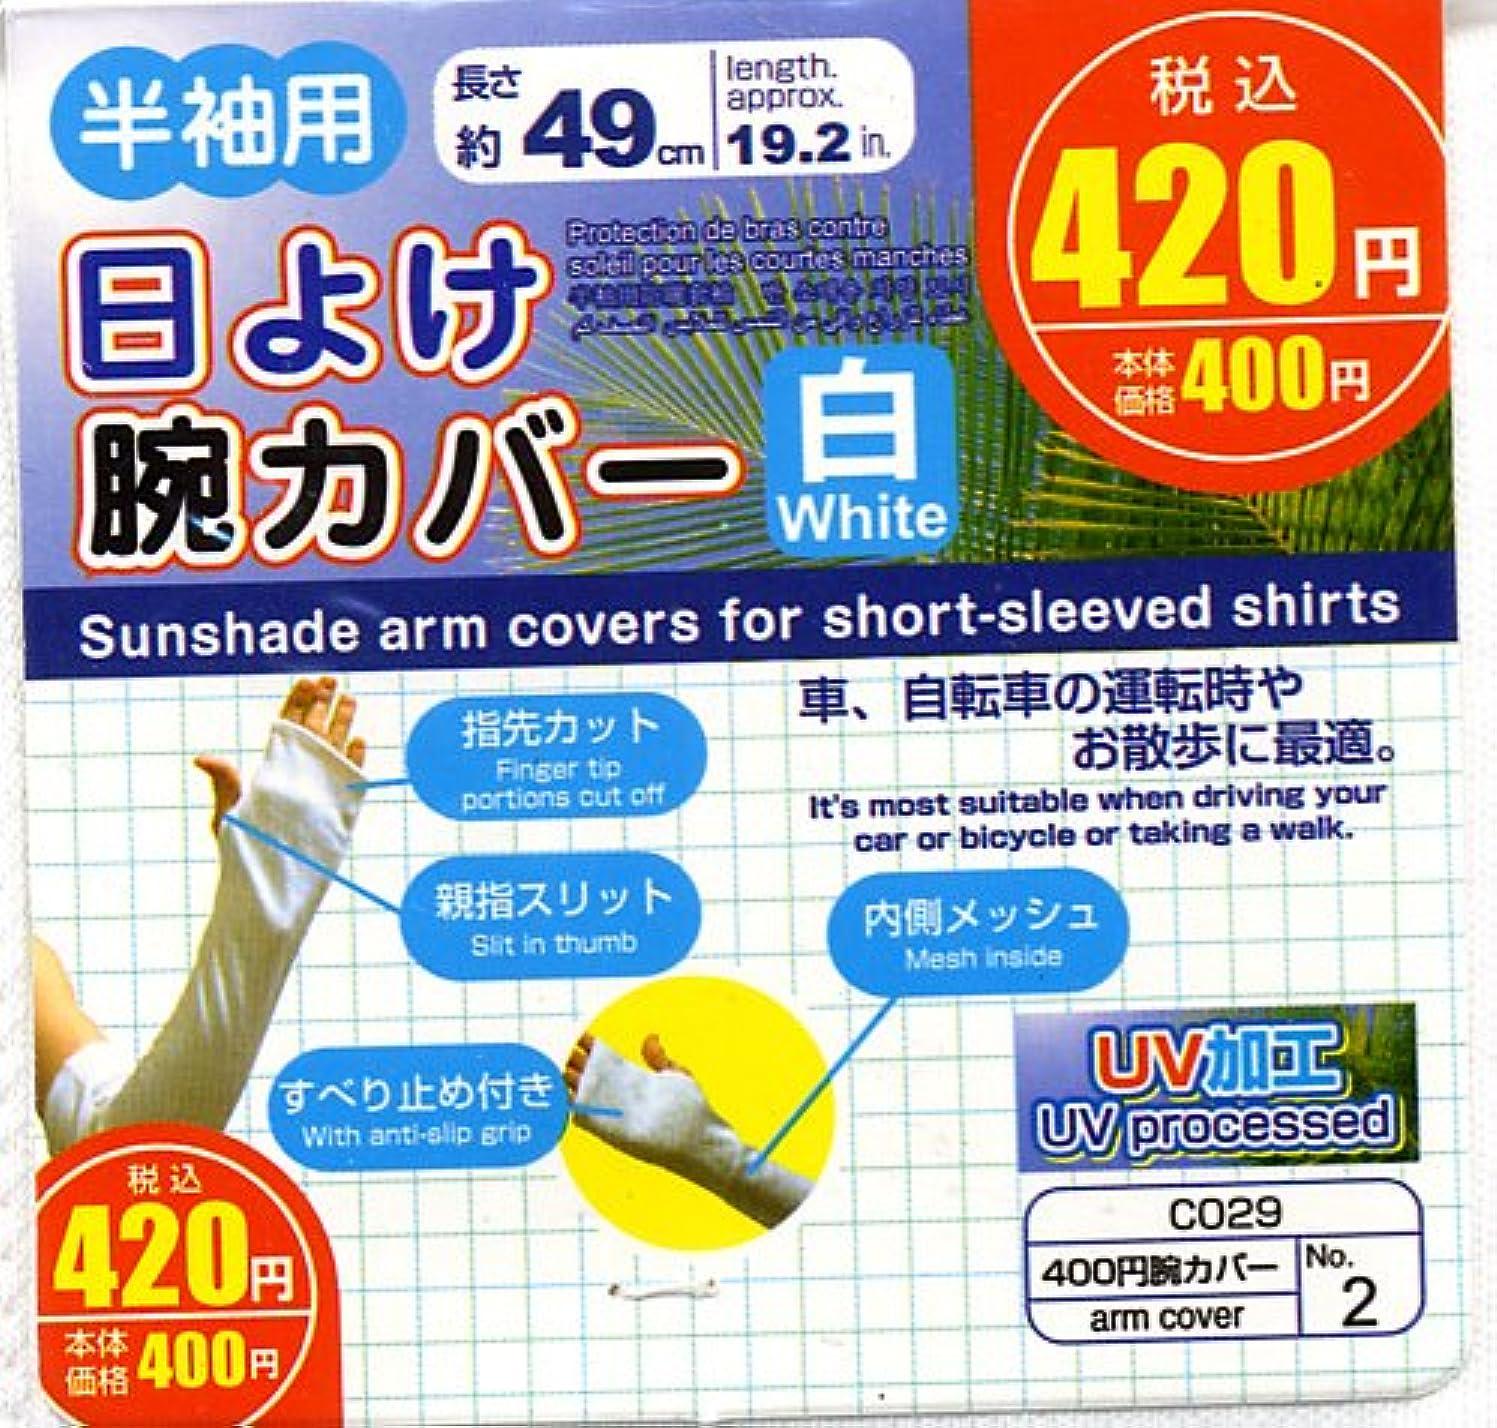 紫外線対策に!UVカットでお肌を紫外線から守る!日よけ腕カバー